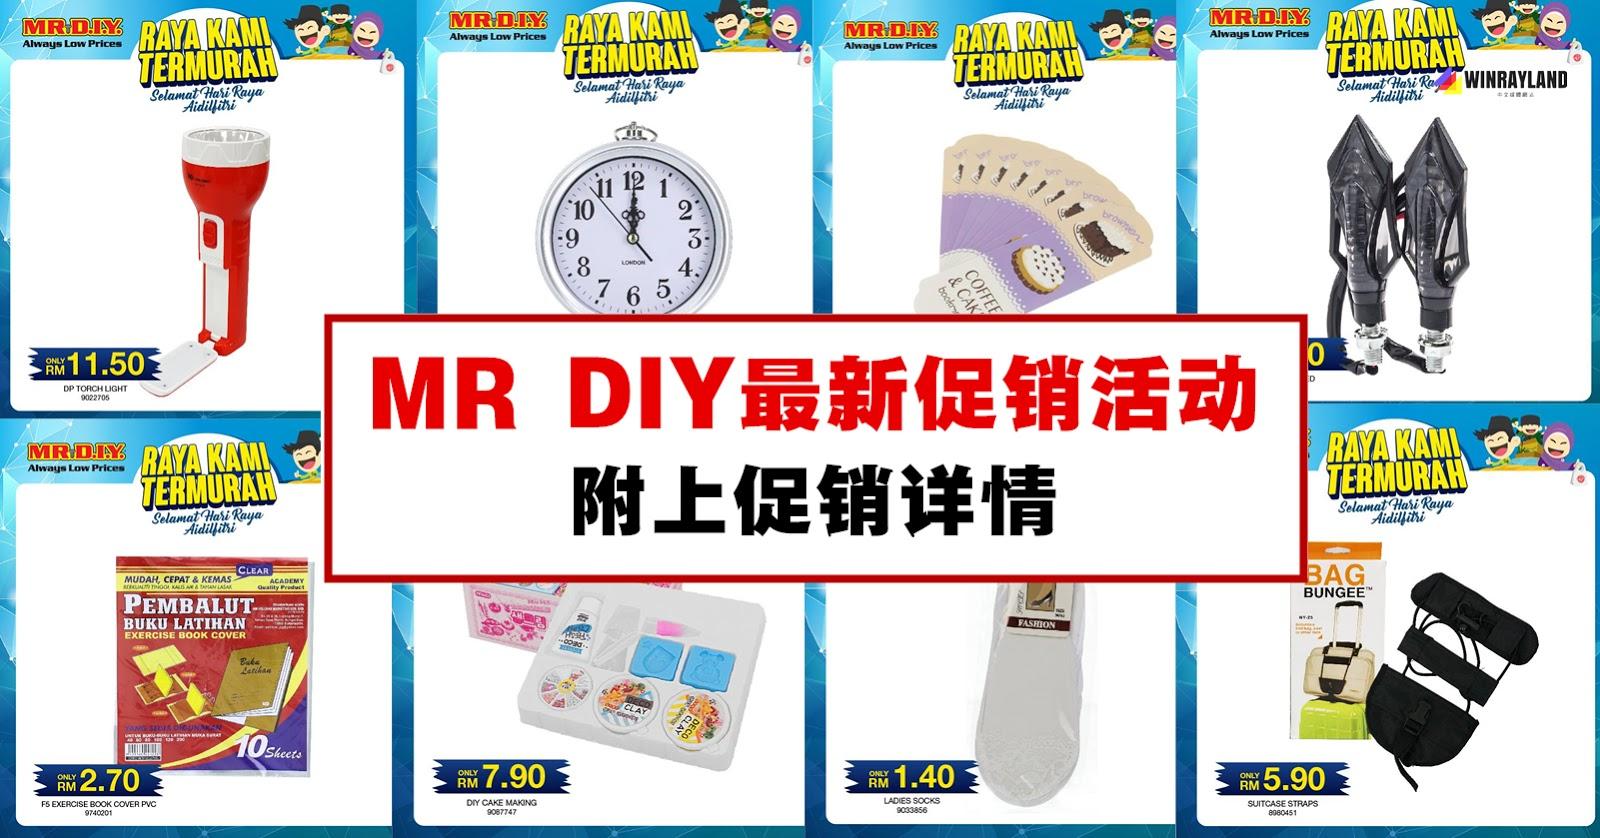 MR D.I.Y 推出大促销